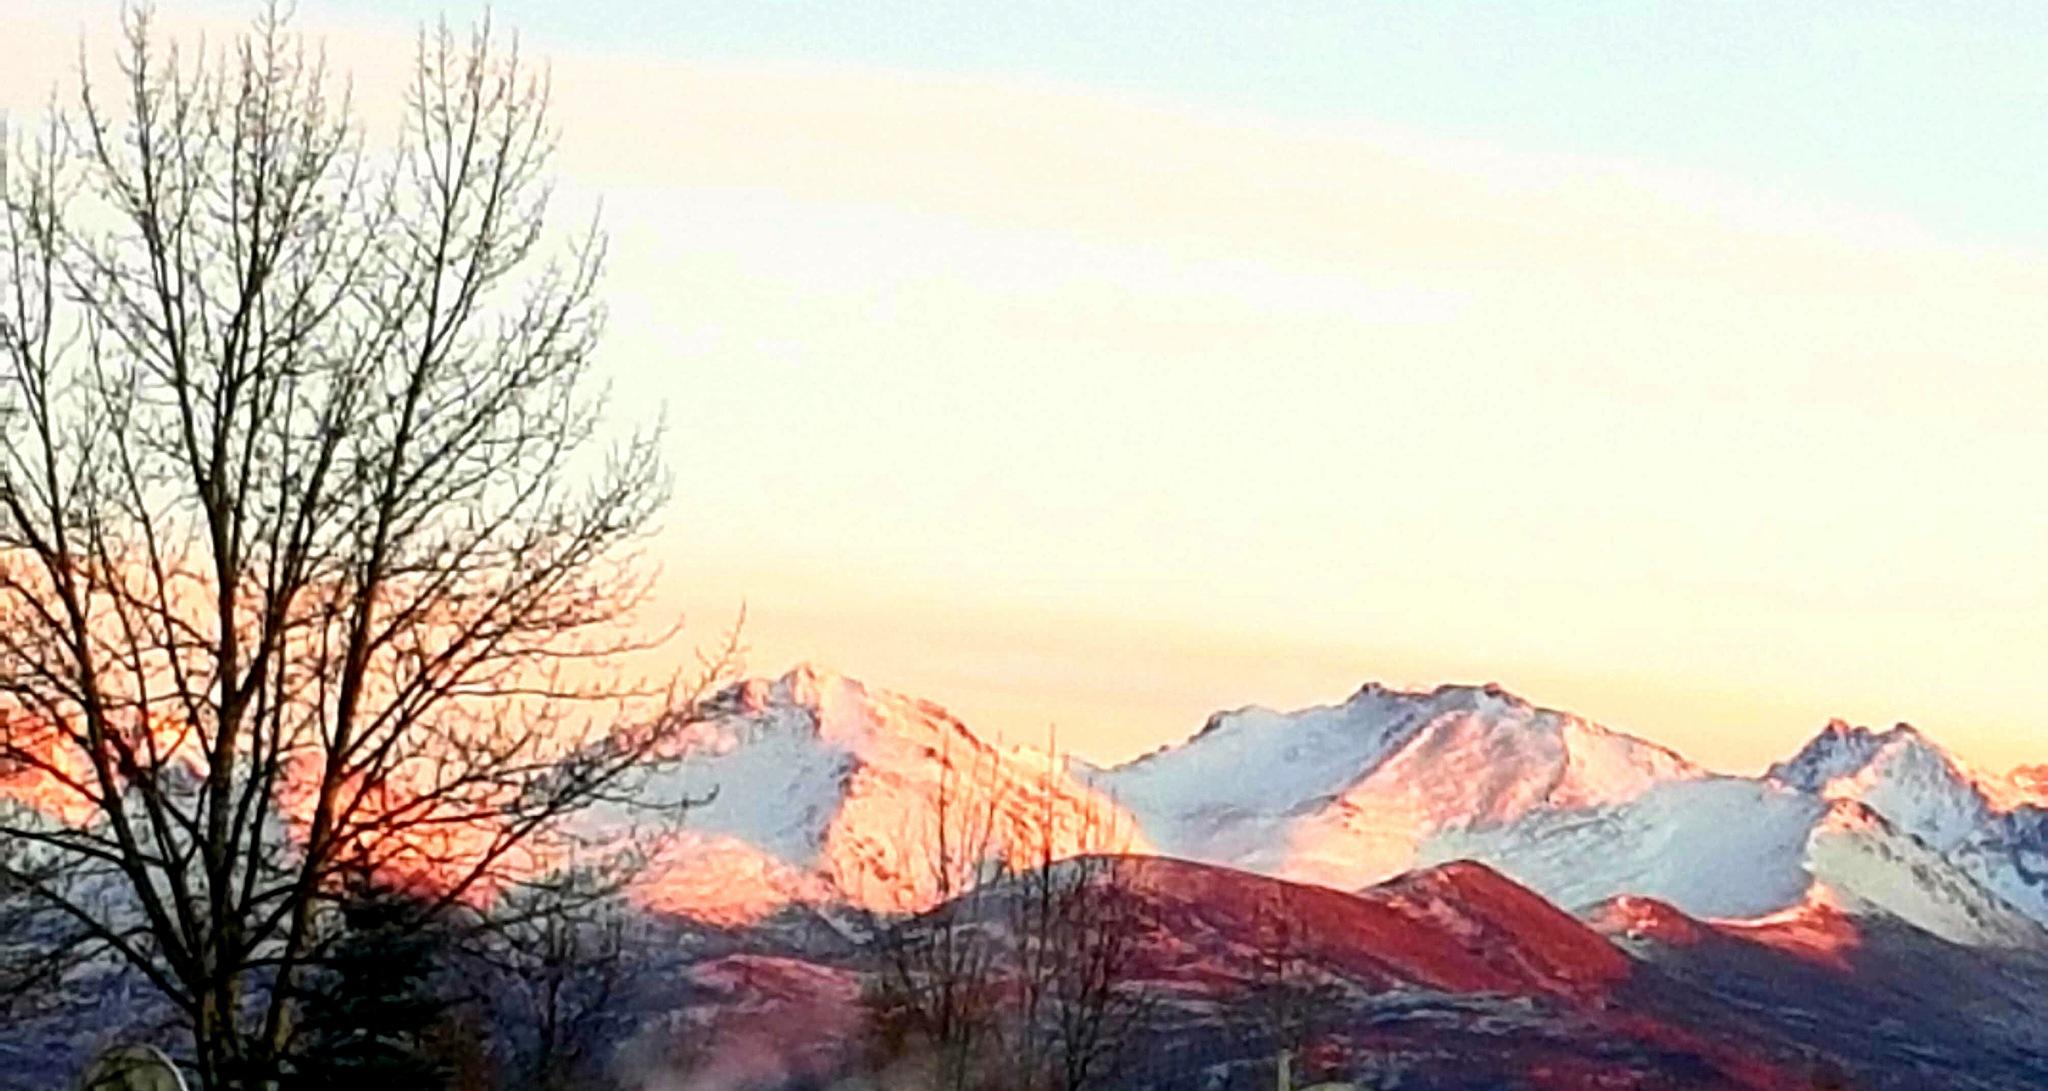 Chugach Alpenglow  by teresa.thiele1